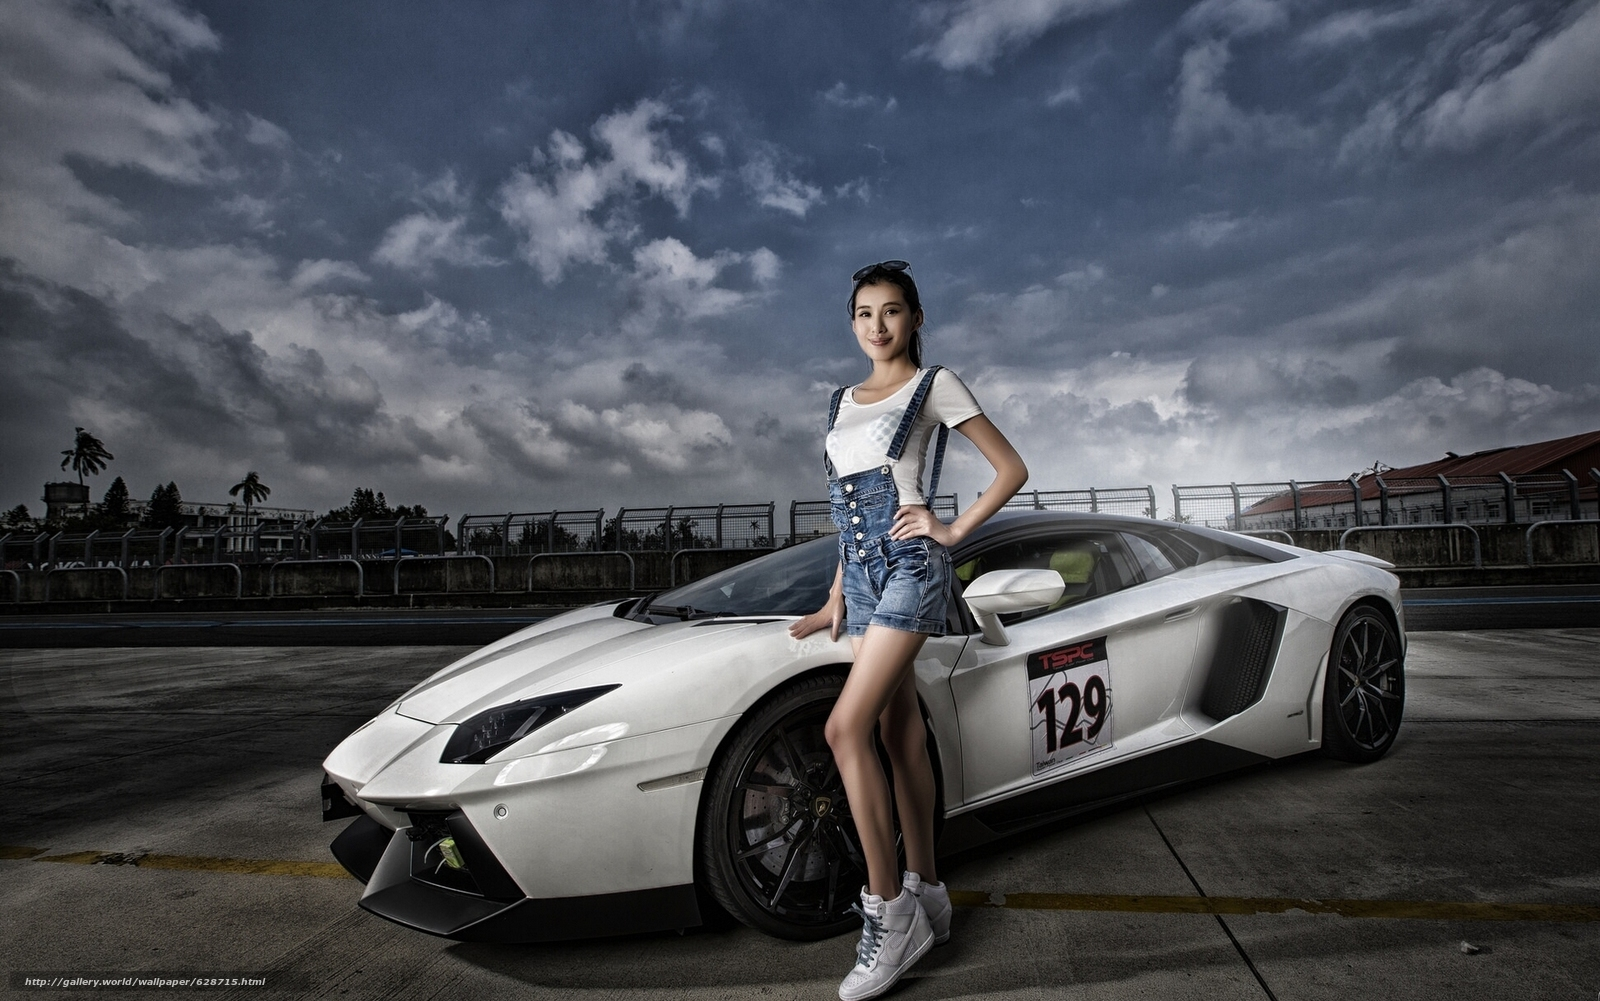 Скачать на телефон обои фото картинку на тему Lamborghini Aventador LP 700-4, Lamborghini Aventador, Lamborghini, Aventador, sports car, суперкар, модель, азиатка, поза, разширение 1920x1201